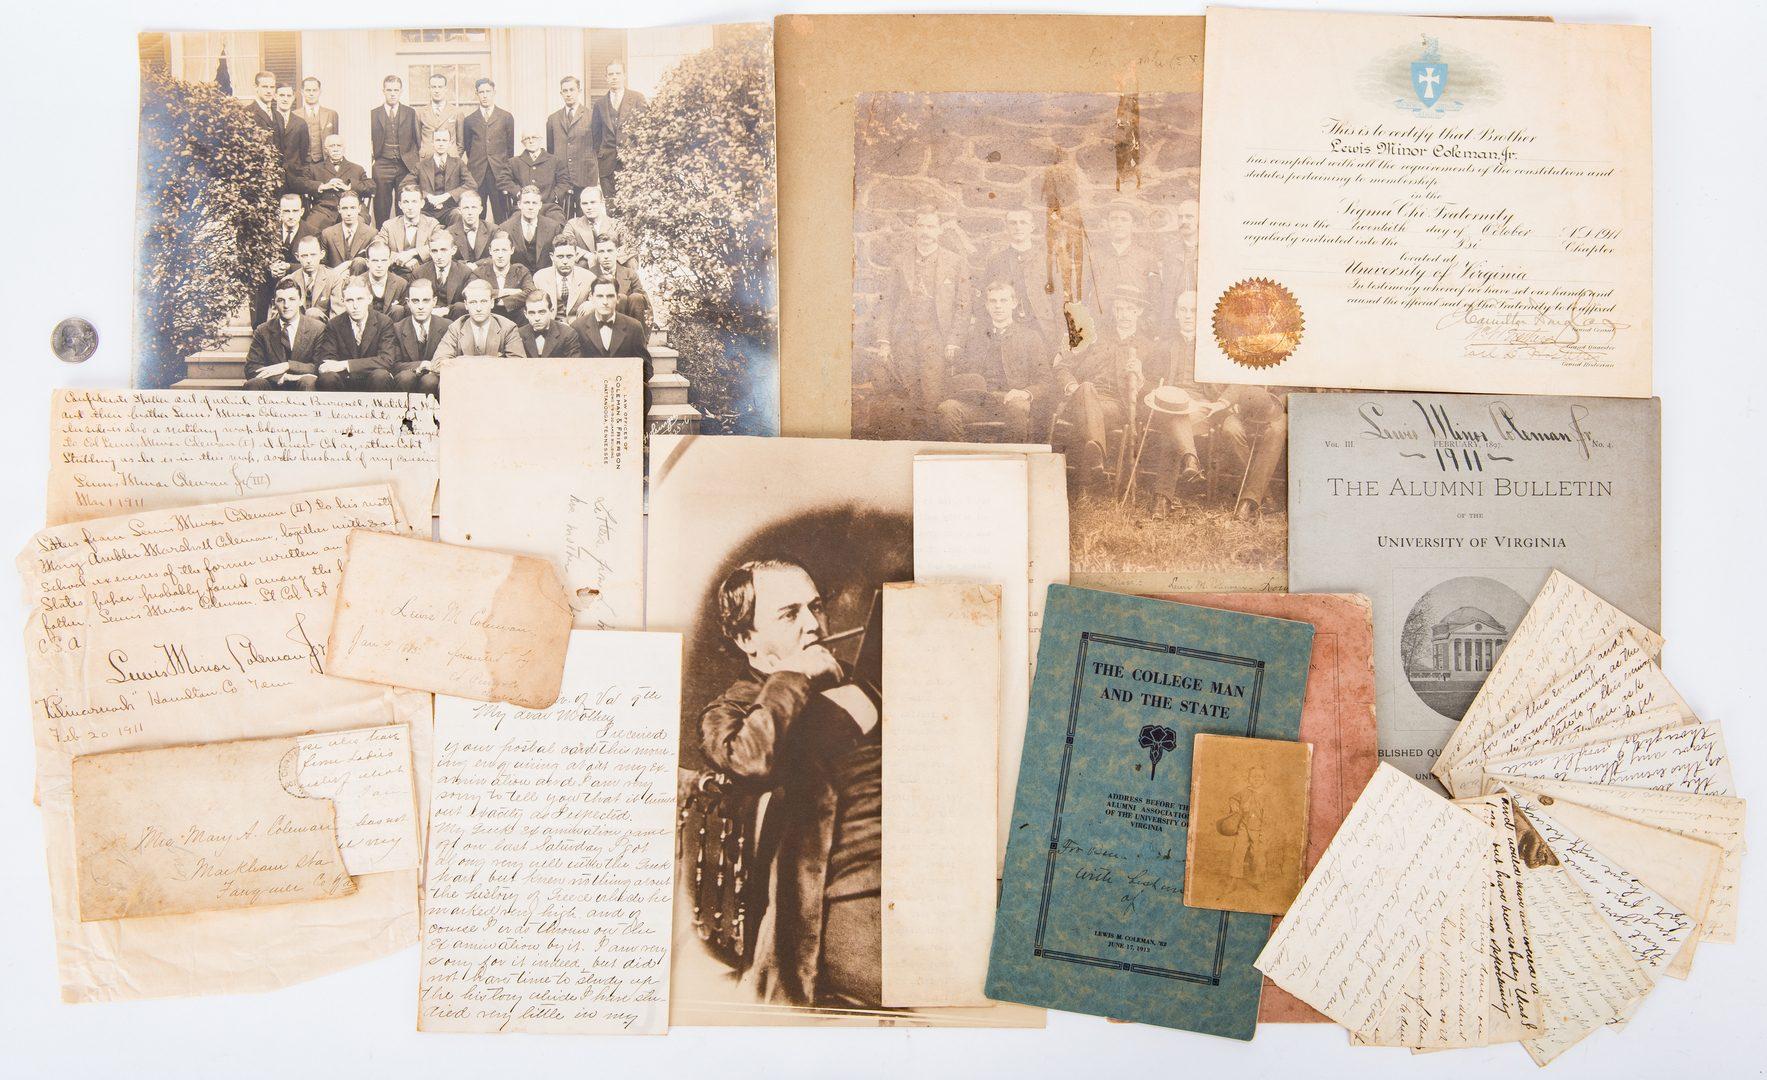 Lot 365: Lewis M. Coleman, Jr. Archive, 22 items